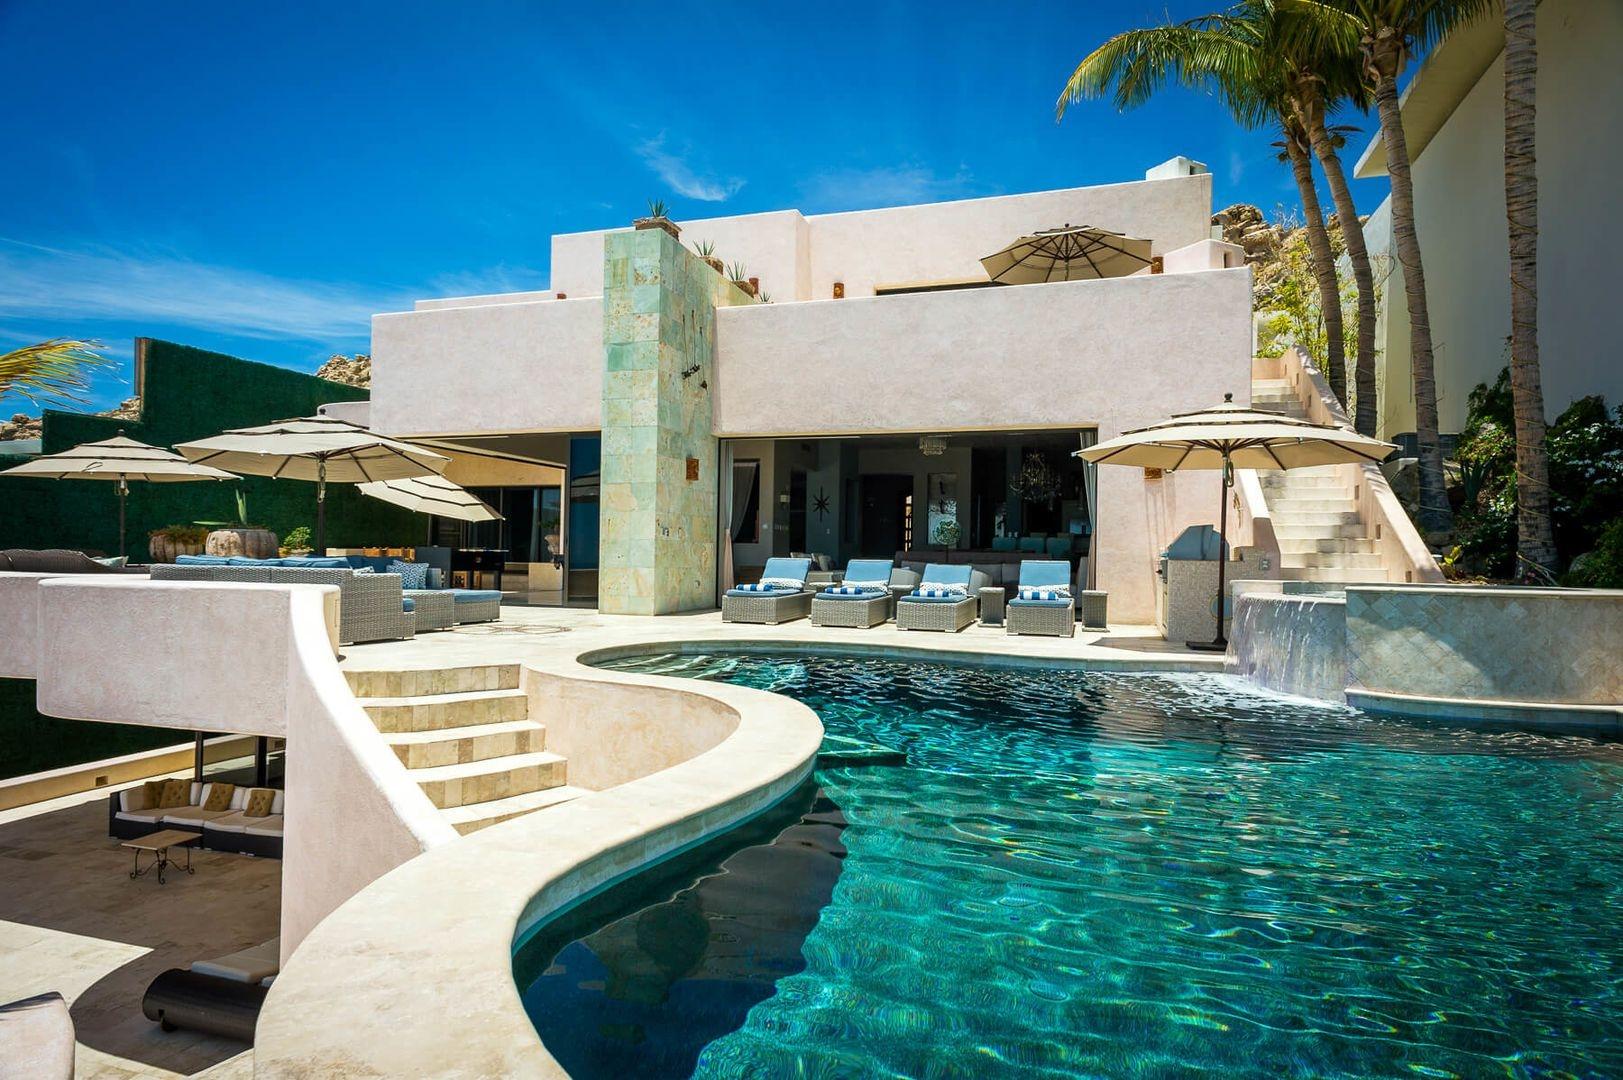 Luxury vacation rentals mexico - Los cabos - Cabo - Pedregal - Casa Buena Vida - Image 1/25